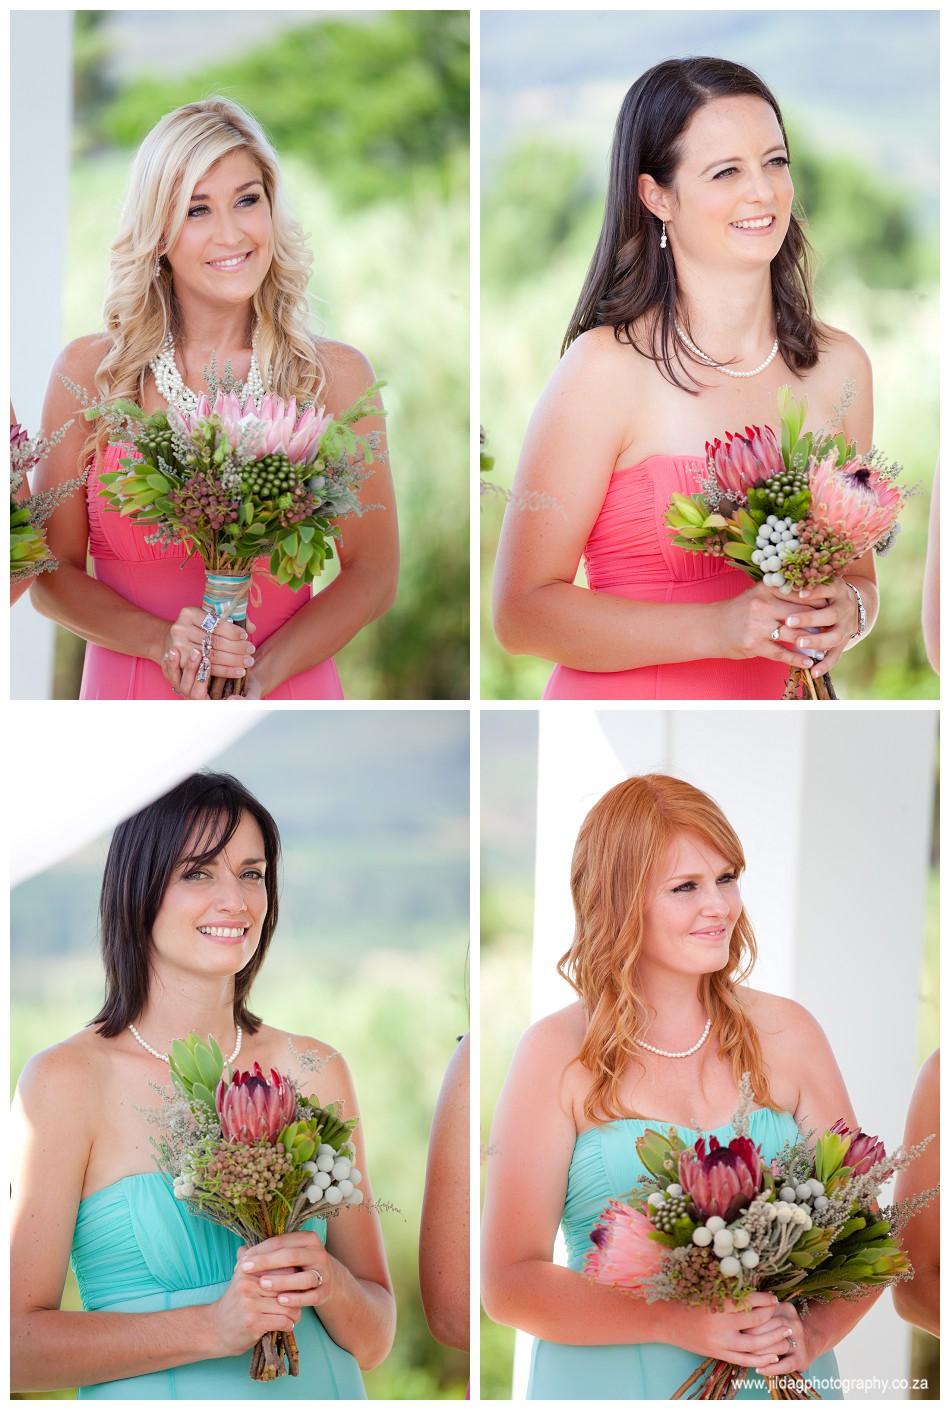 kleinevalleij - Wellington - wedding - photographer - Jilda G (54)